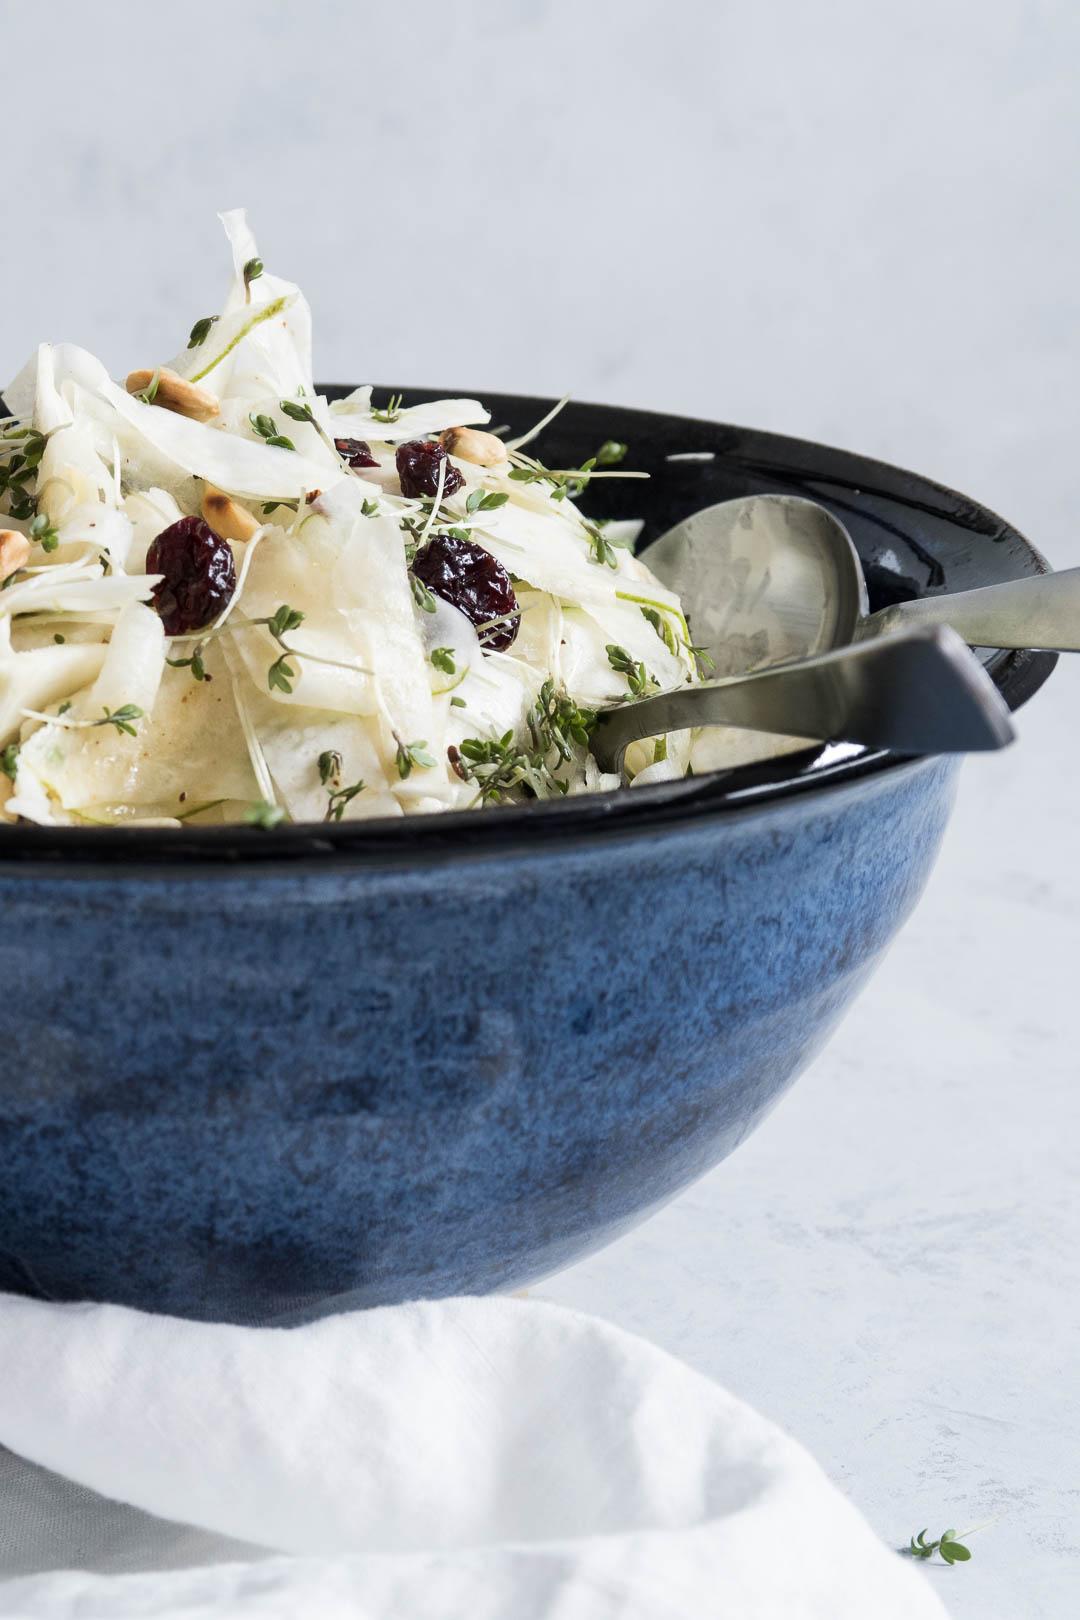 Sellerisalat med pære, tranebær og nødder - opskrift på knoldselleri-salat